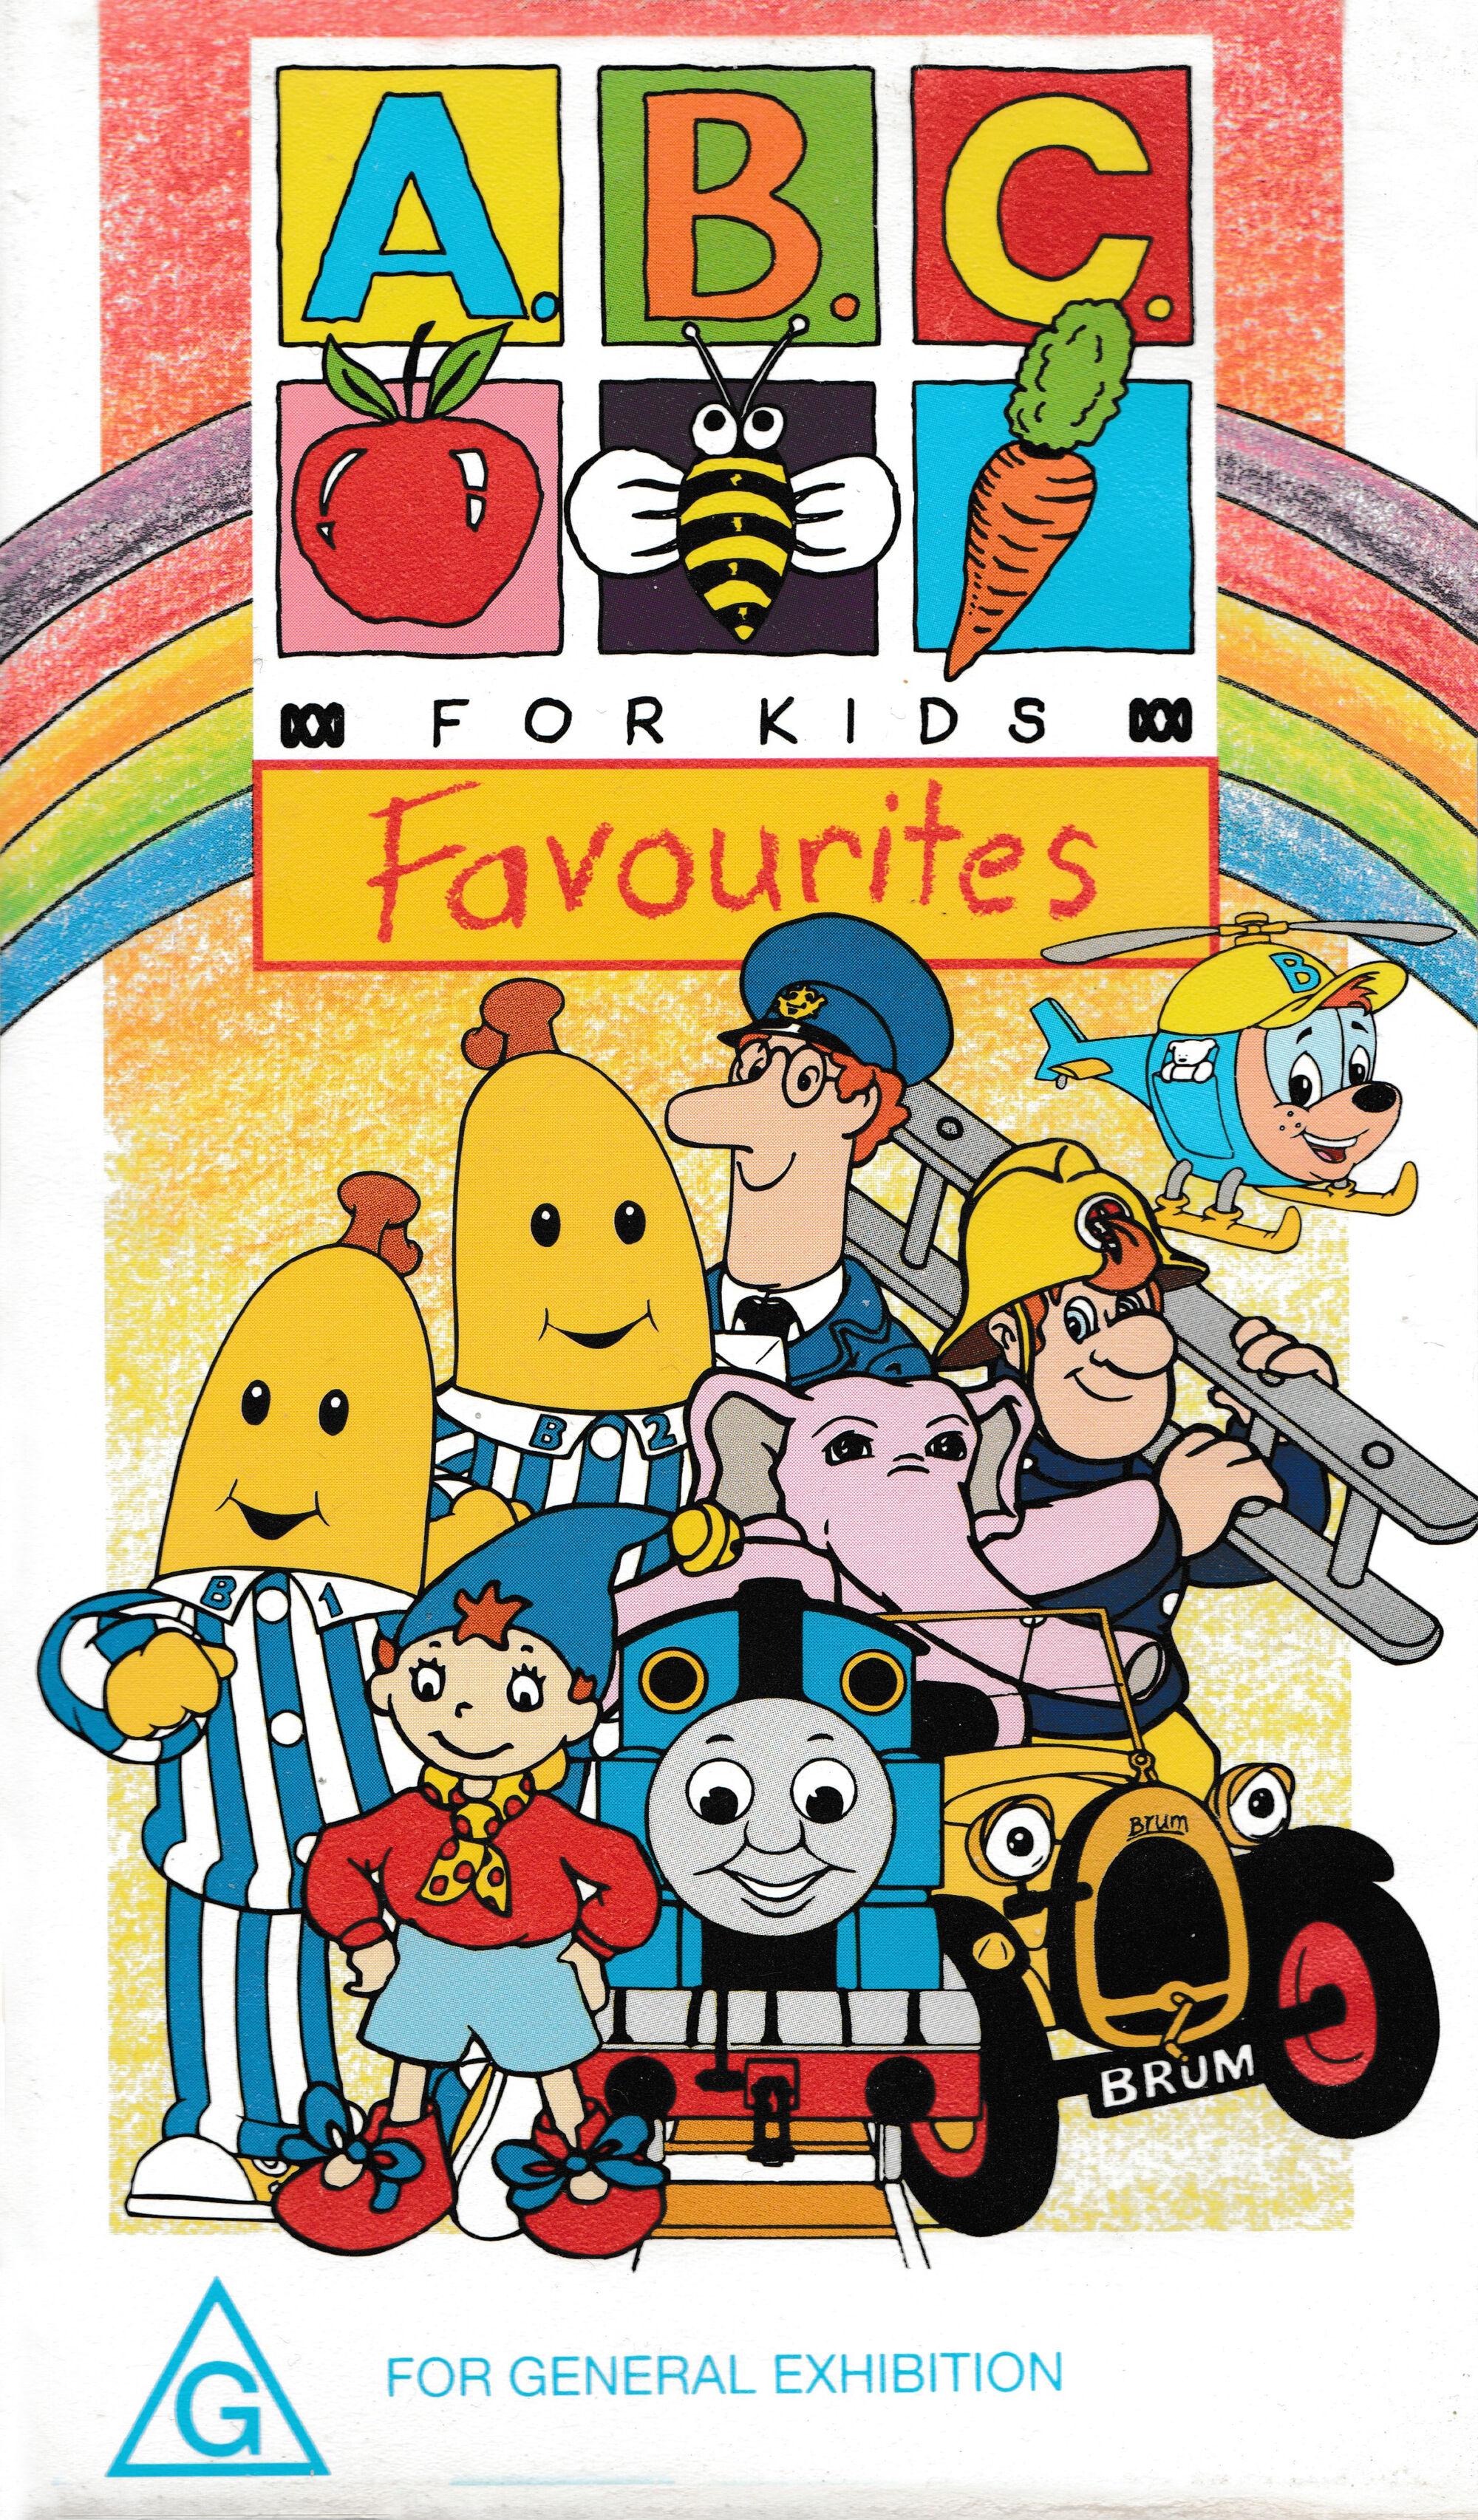 ABC For Kids Favourites Thomas the Tank Engine Wikia